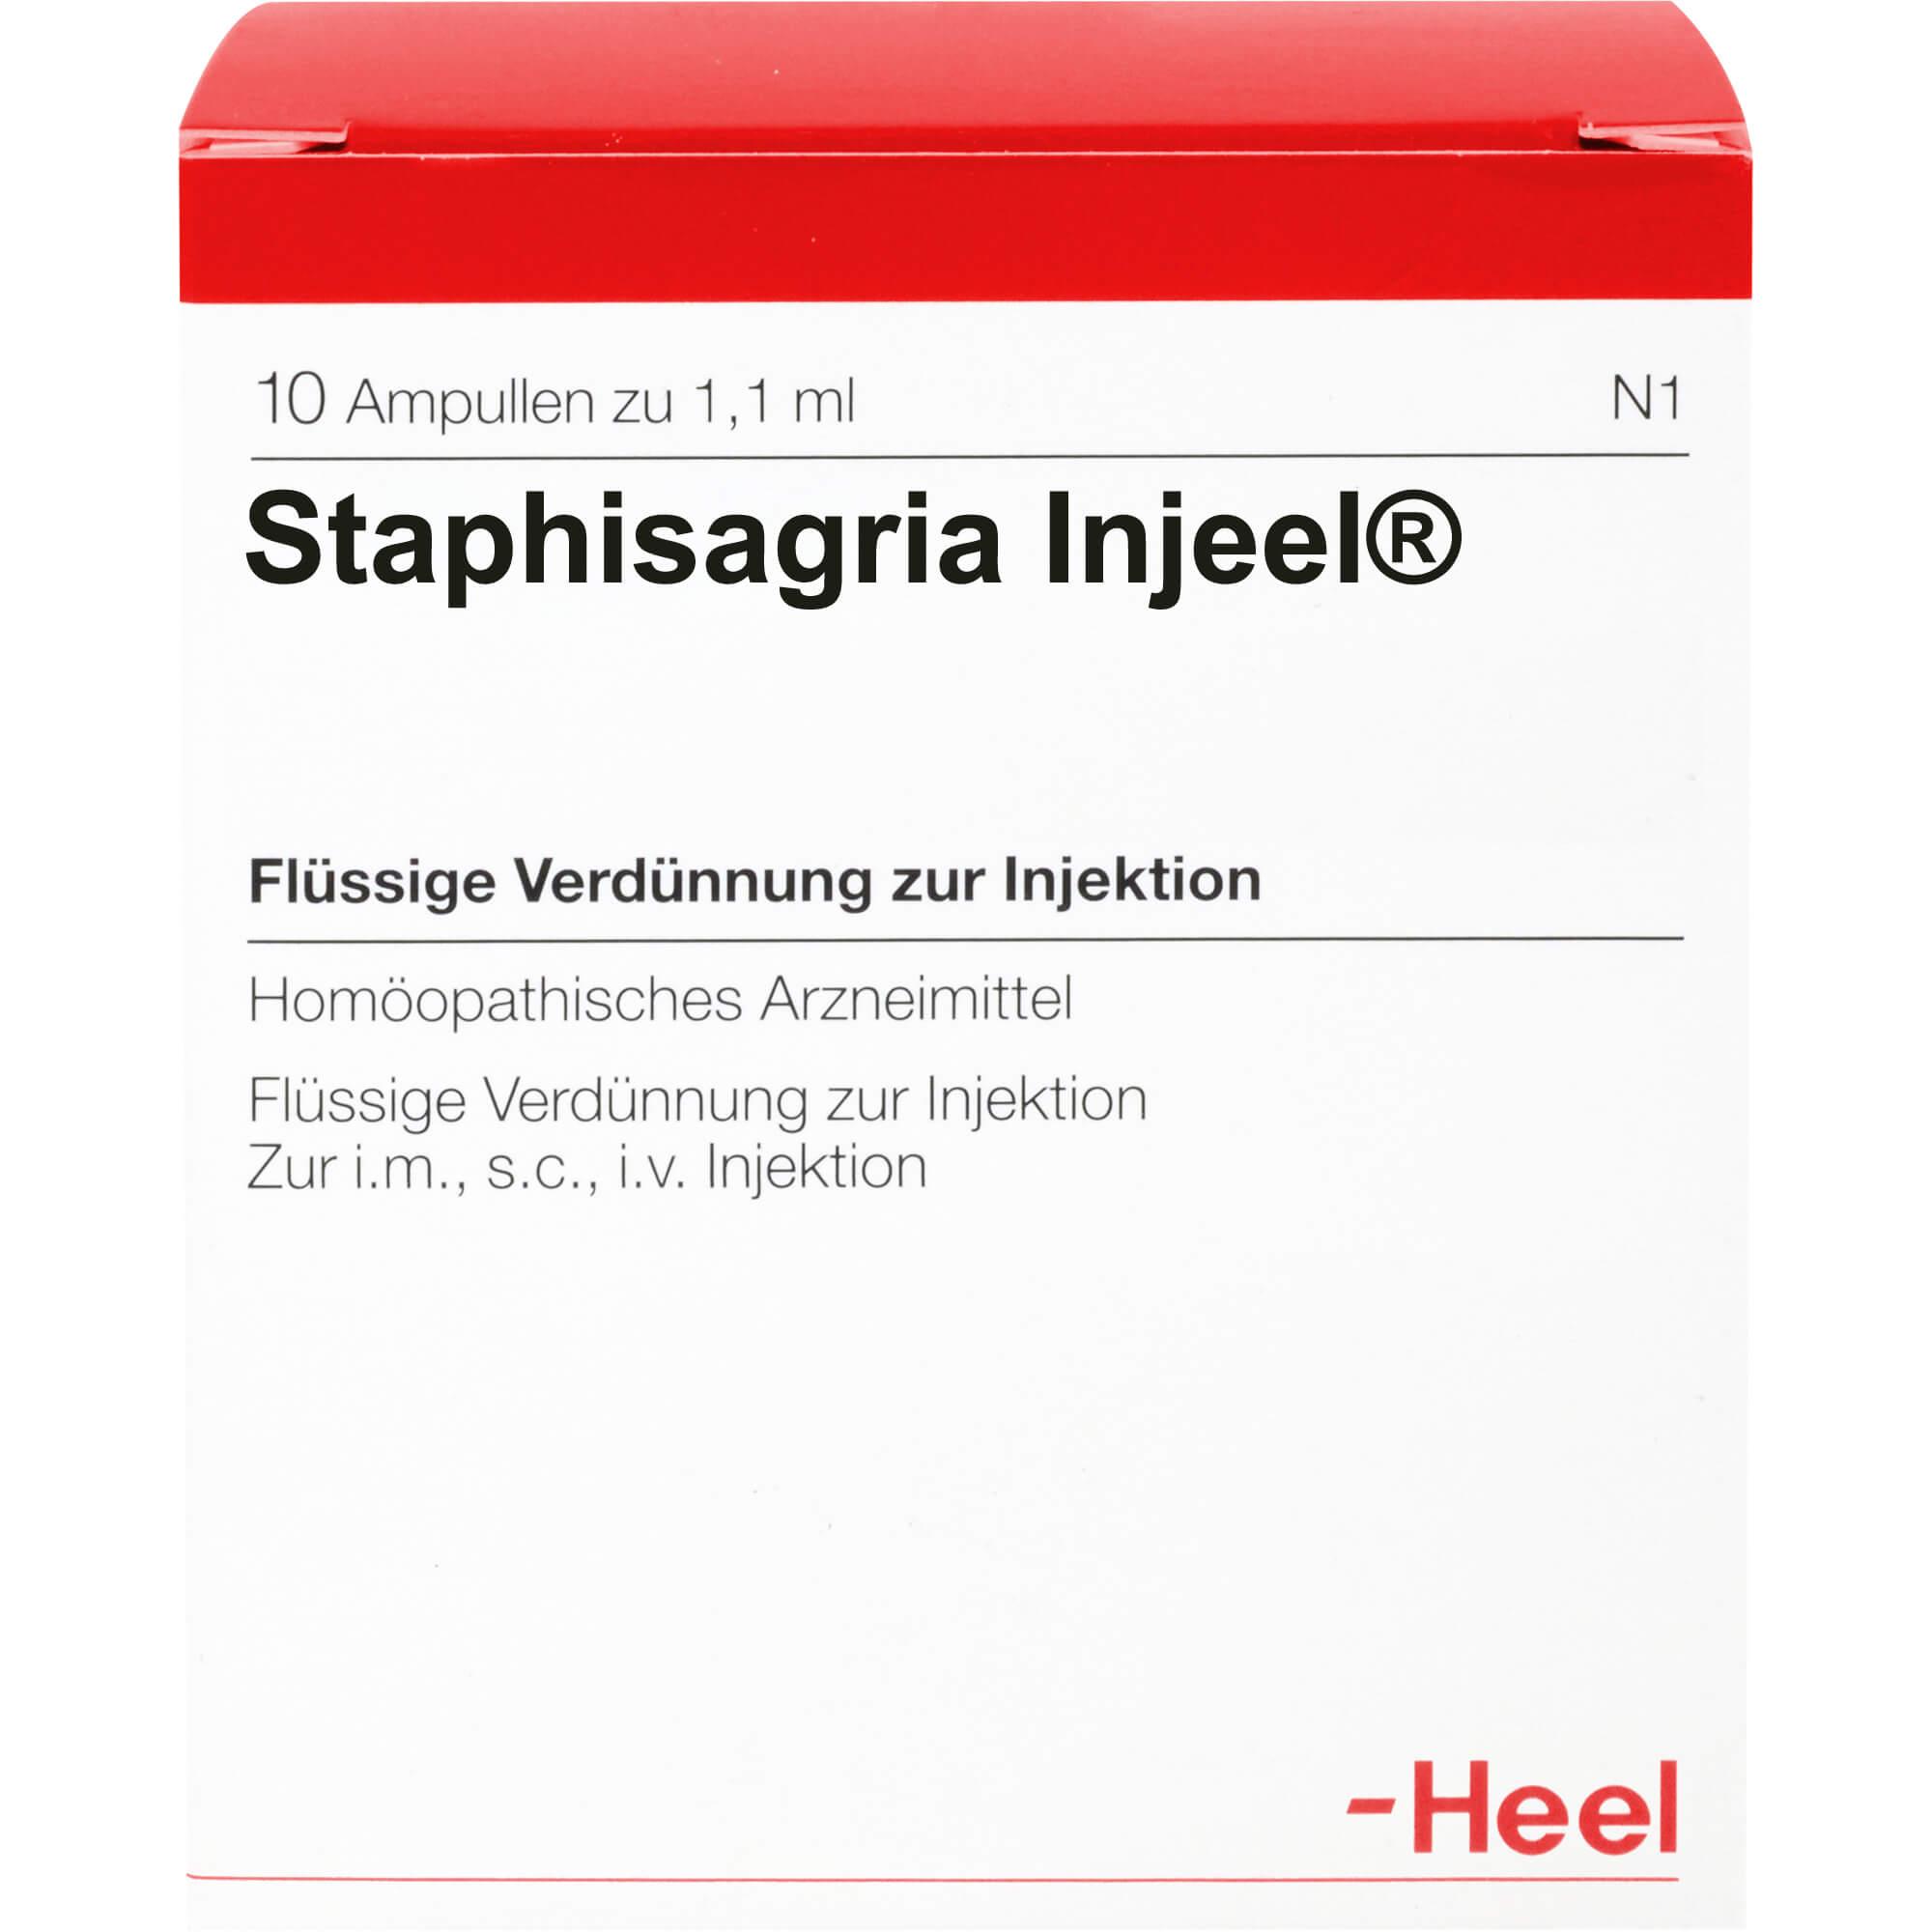 STAPHISAGRIA INJEEL Ampullen